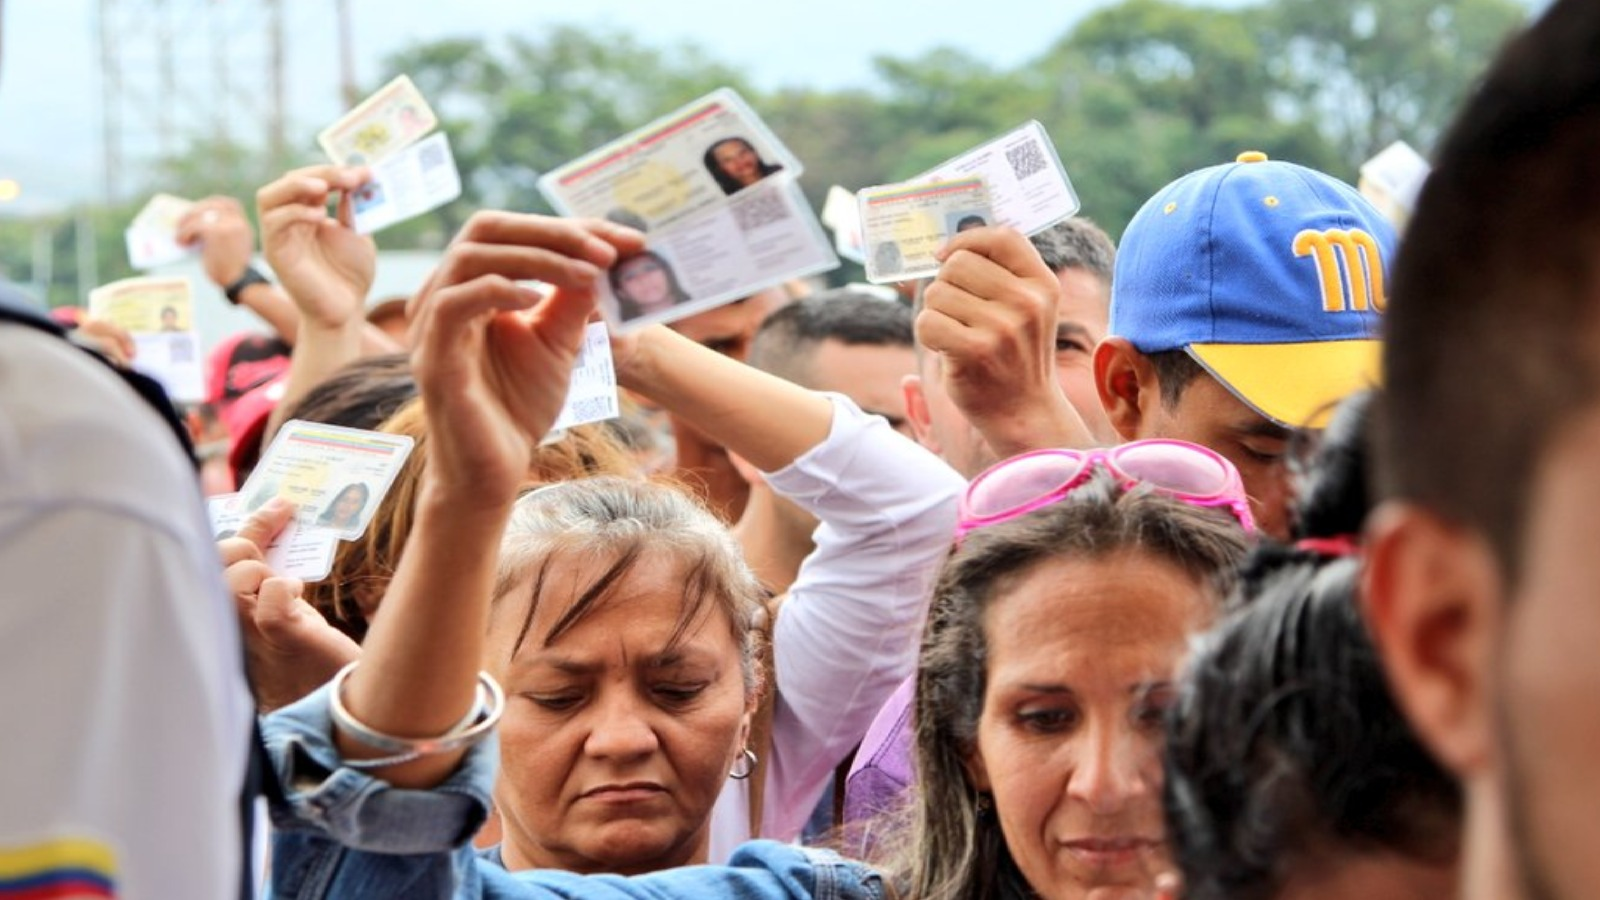 Venezolanos irregulares podrán trabajar legalmente en Colombia